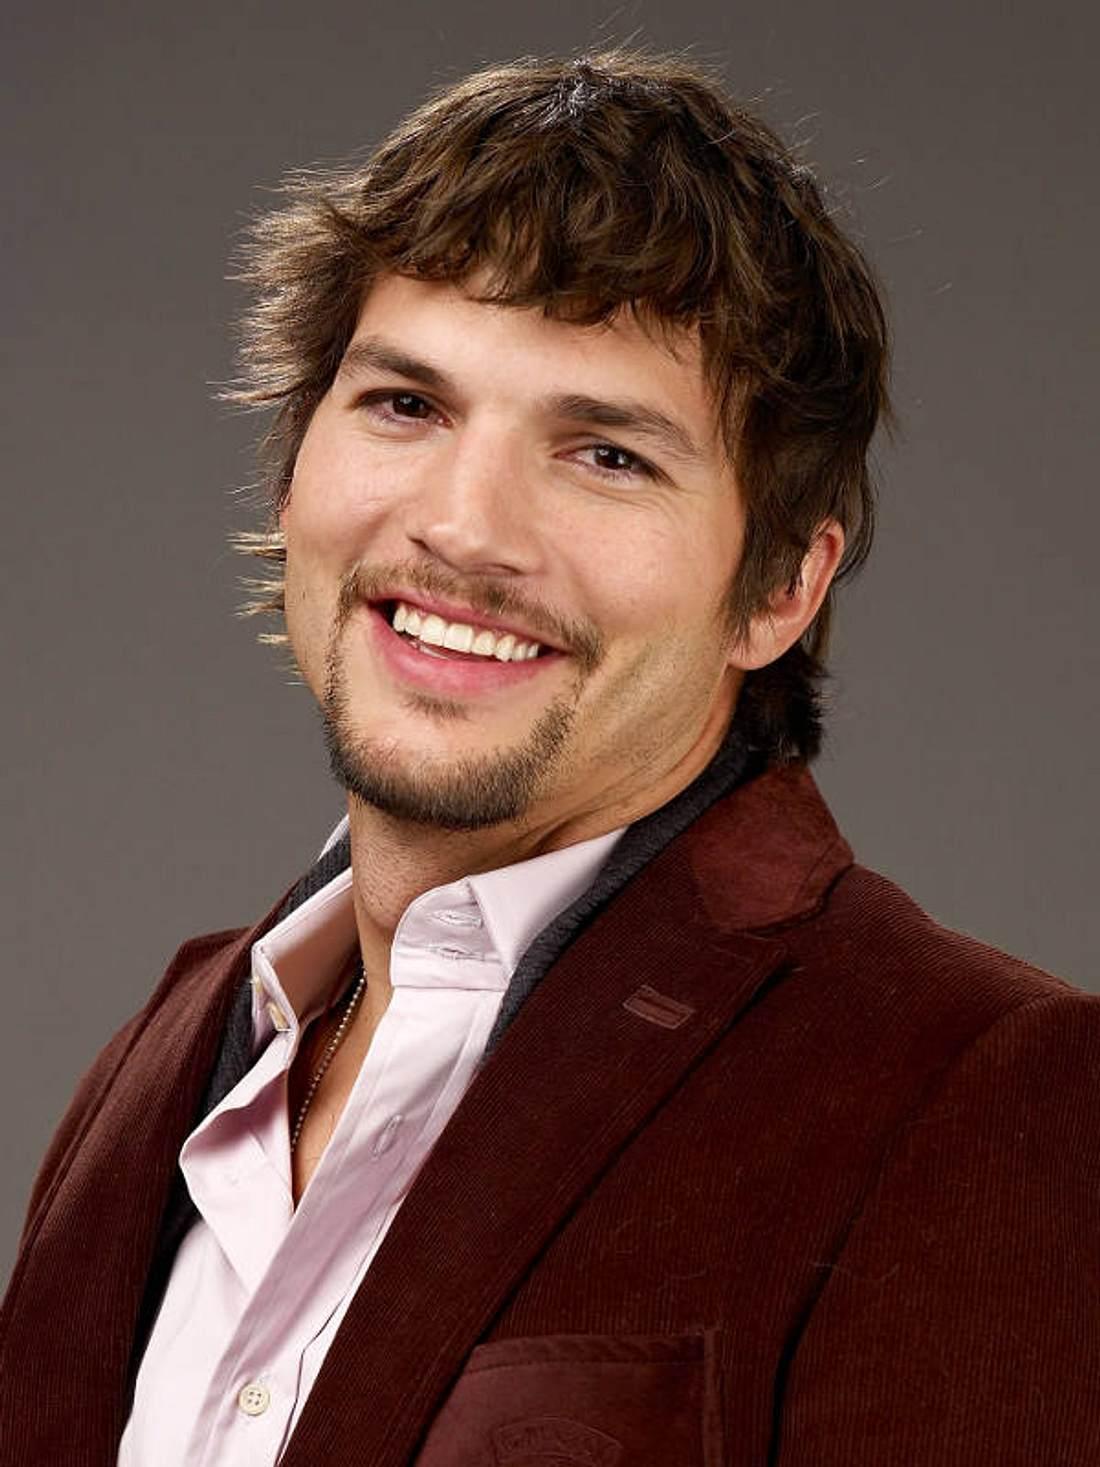 Sexy ist Ashton Kutcher allemal, sonst hätte ihn Demi auch gar nicht erst genommen. Aber er hat auch einen kleinen Schönheitsfehler ...